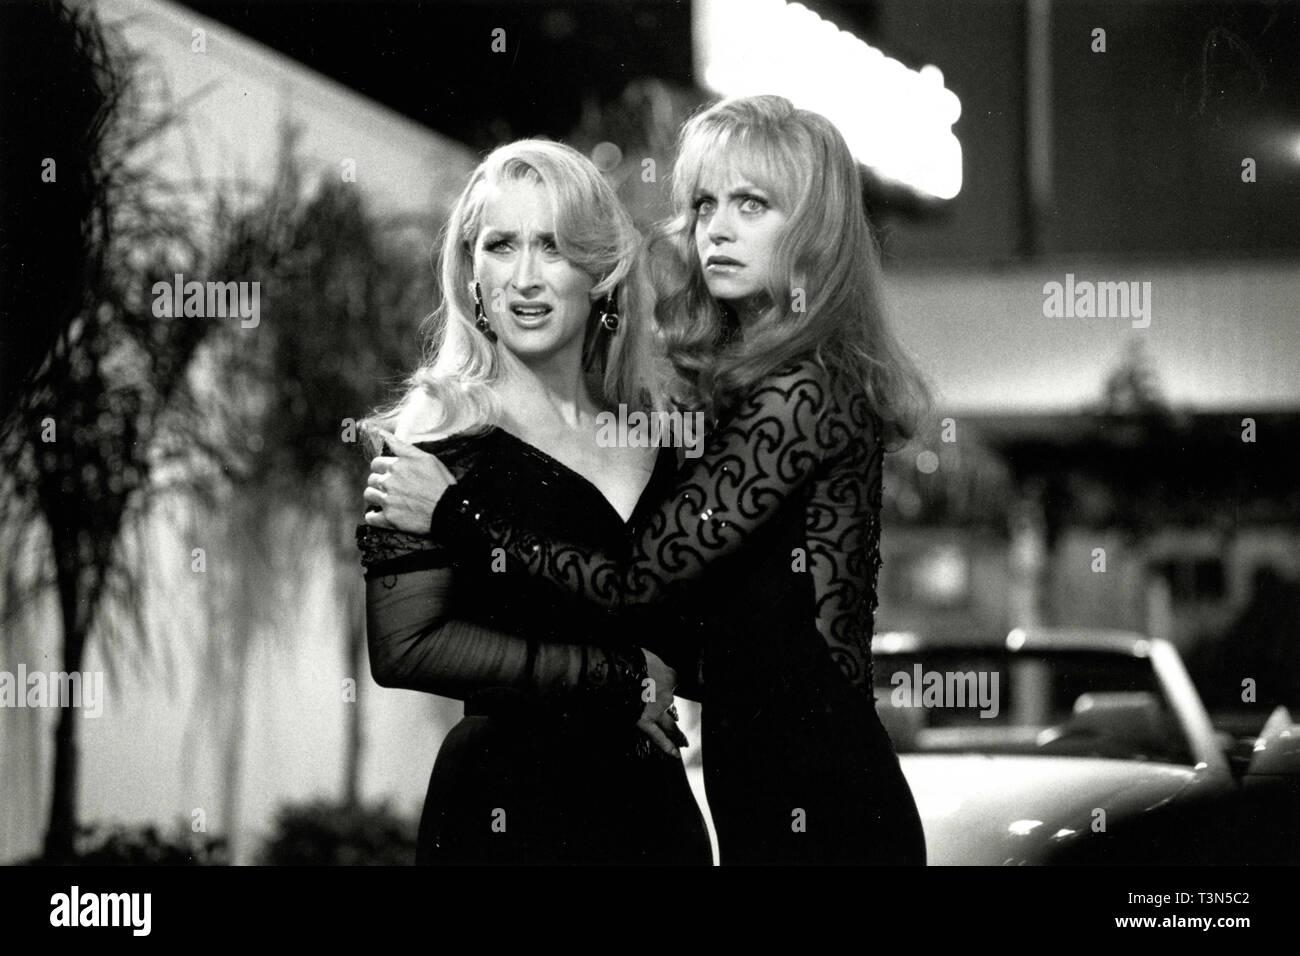 Schauspielerinnen Goldy Hawn und Sarah Jessica Parker im Film die ersten Frauen Club, 1996 Stockbild